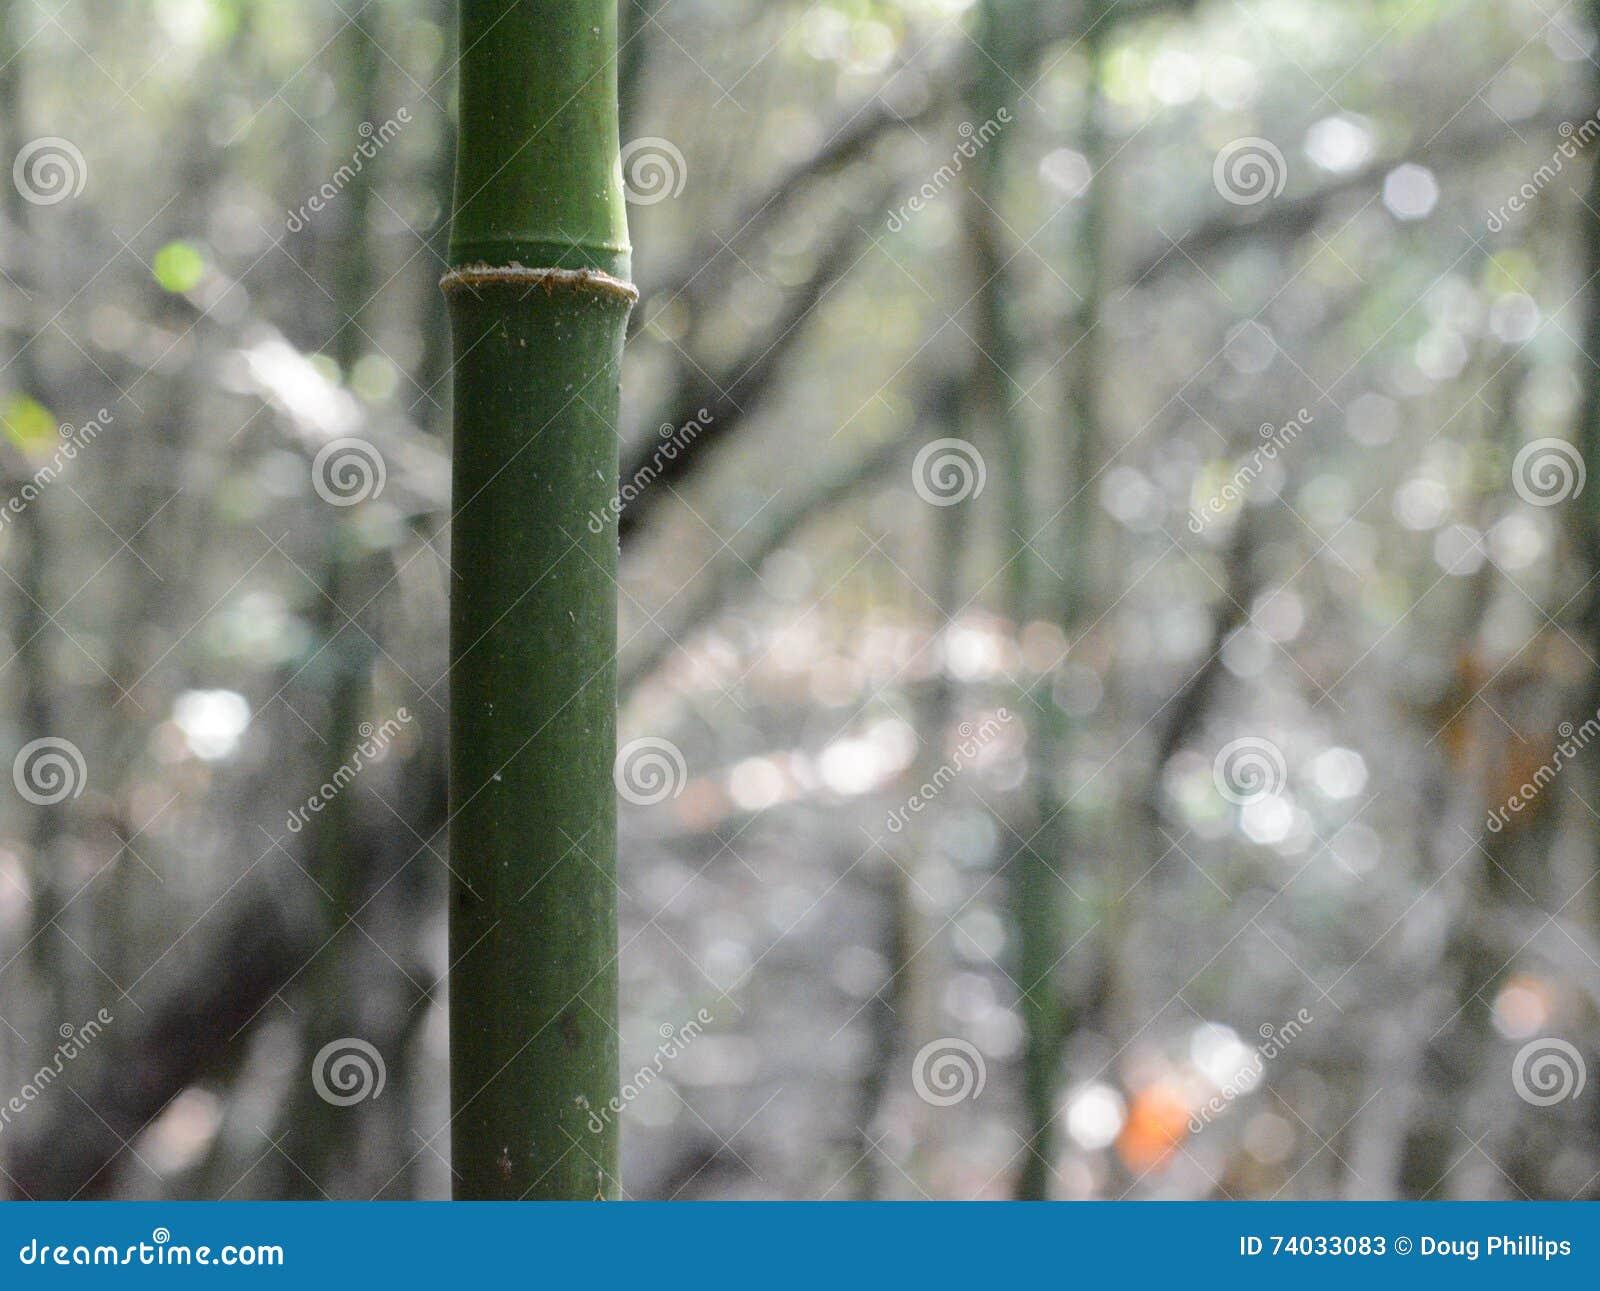 Bamboo Close Up